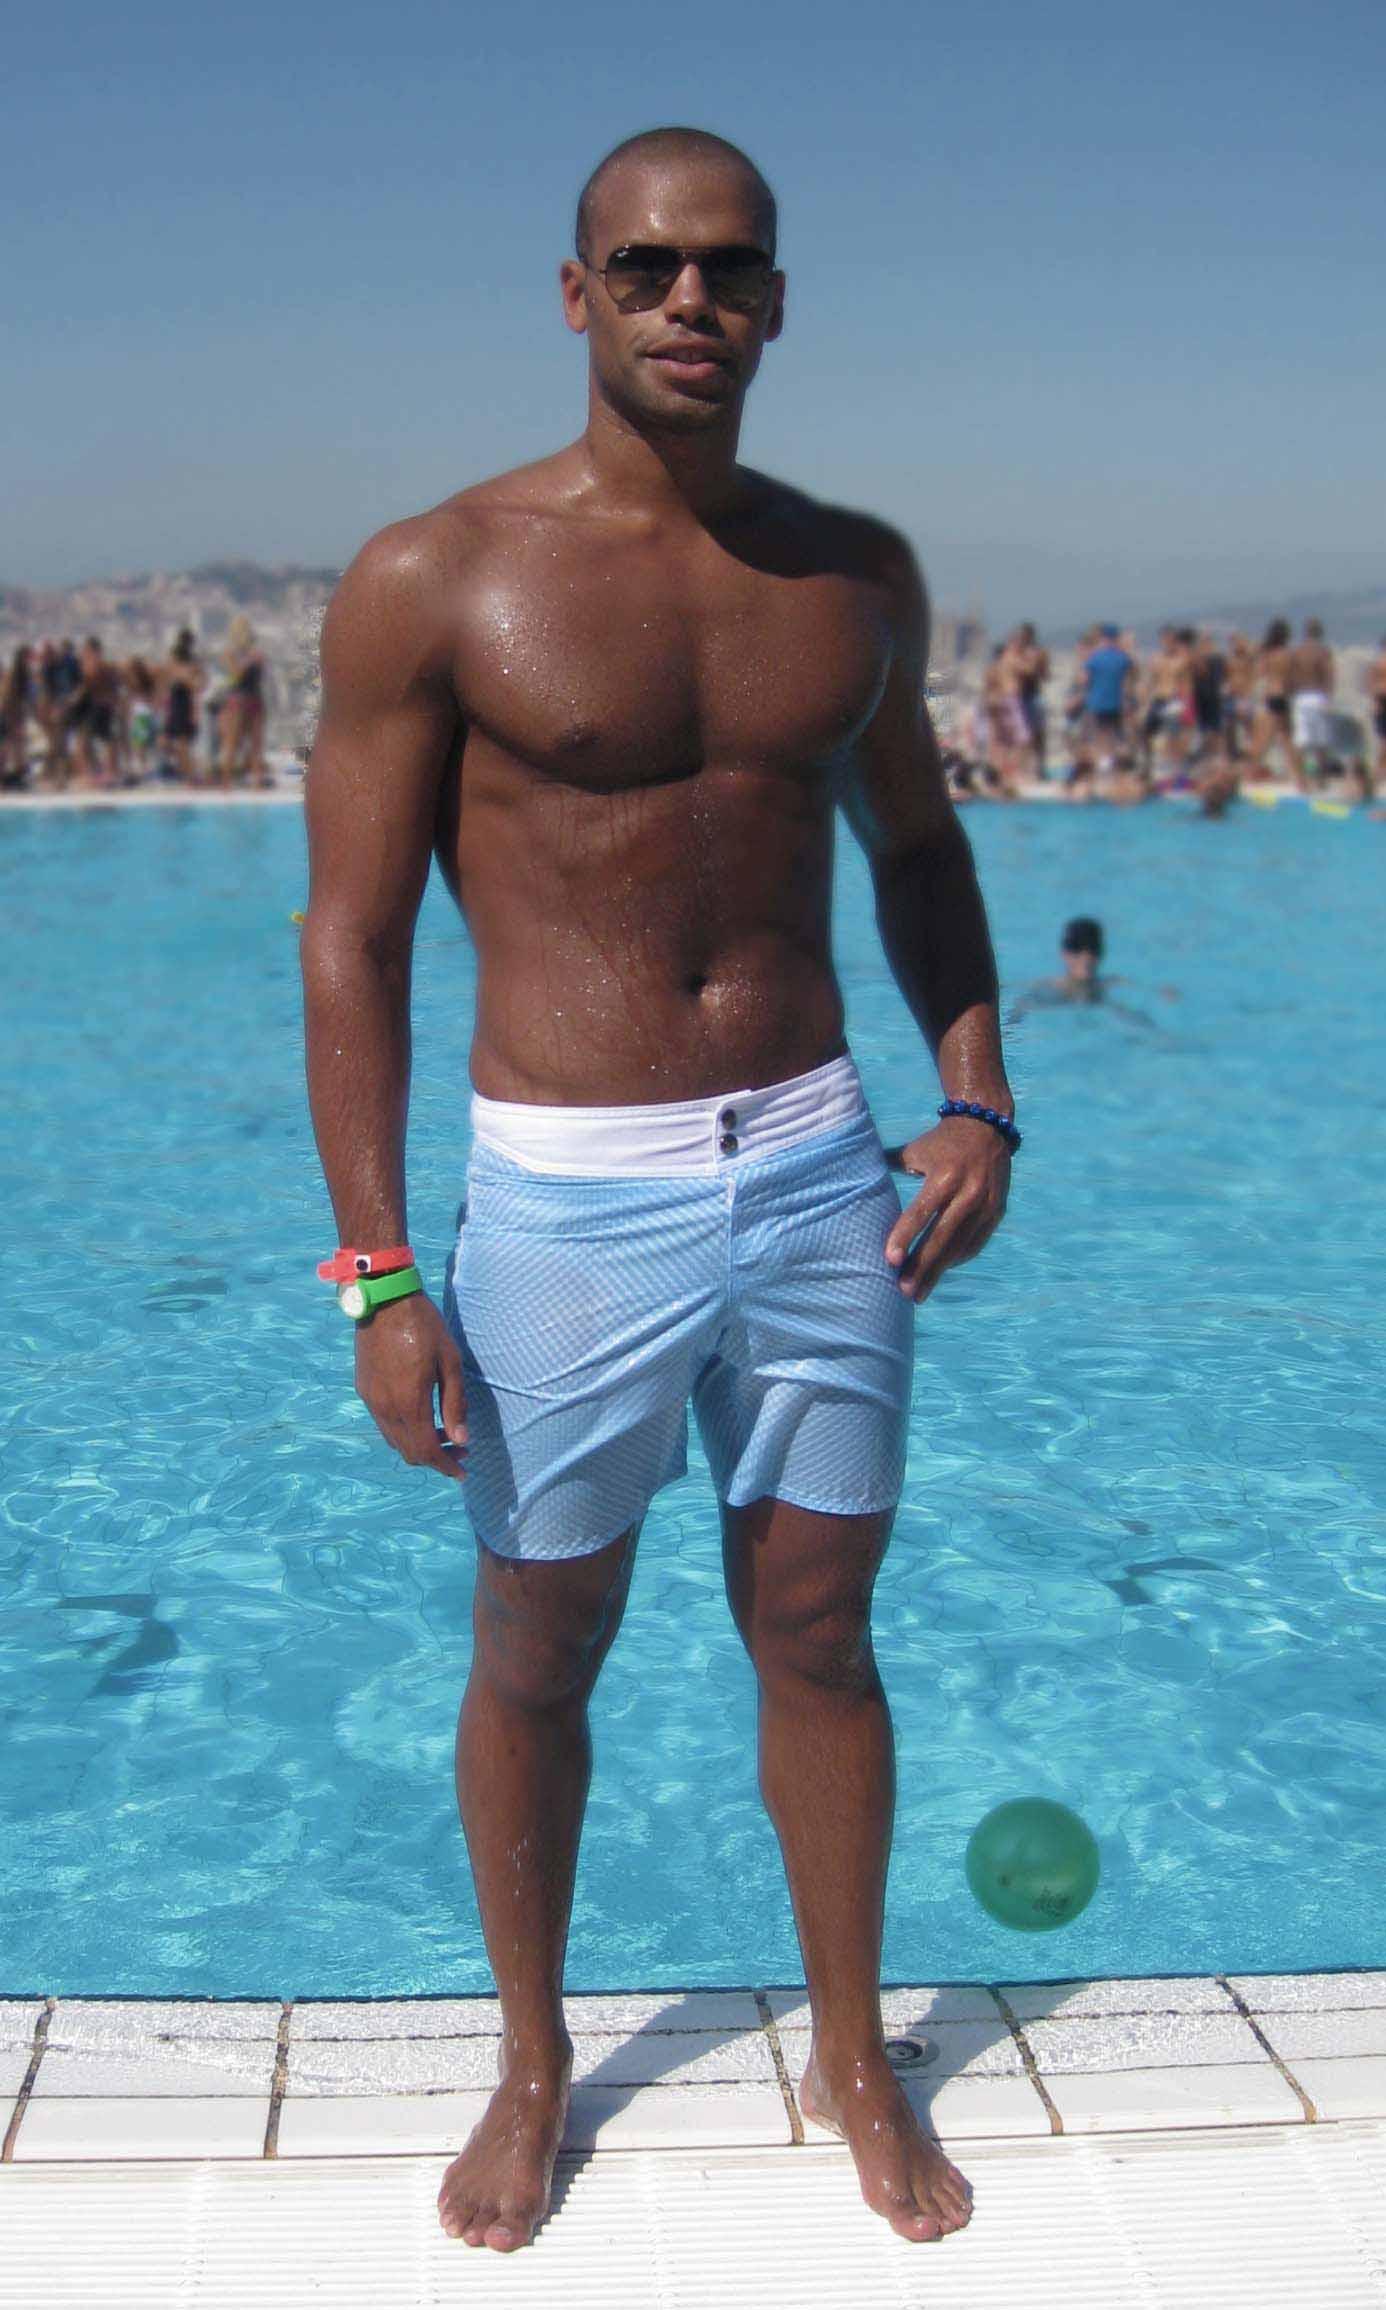 Capri Style (Bcn Mega Pool Party)